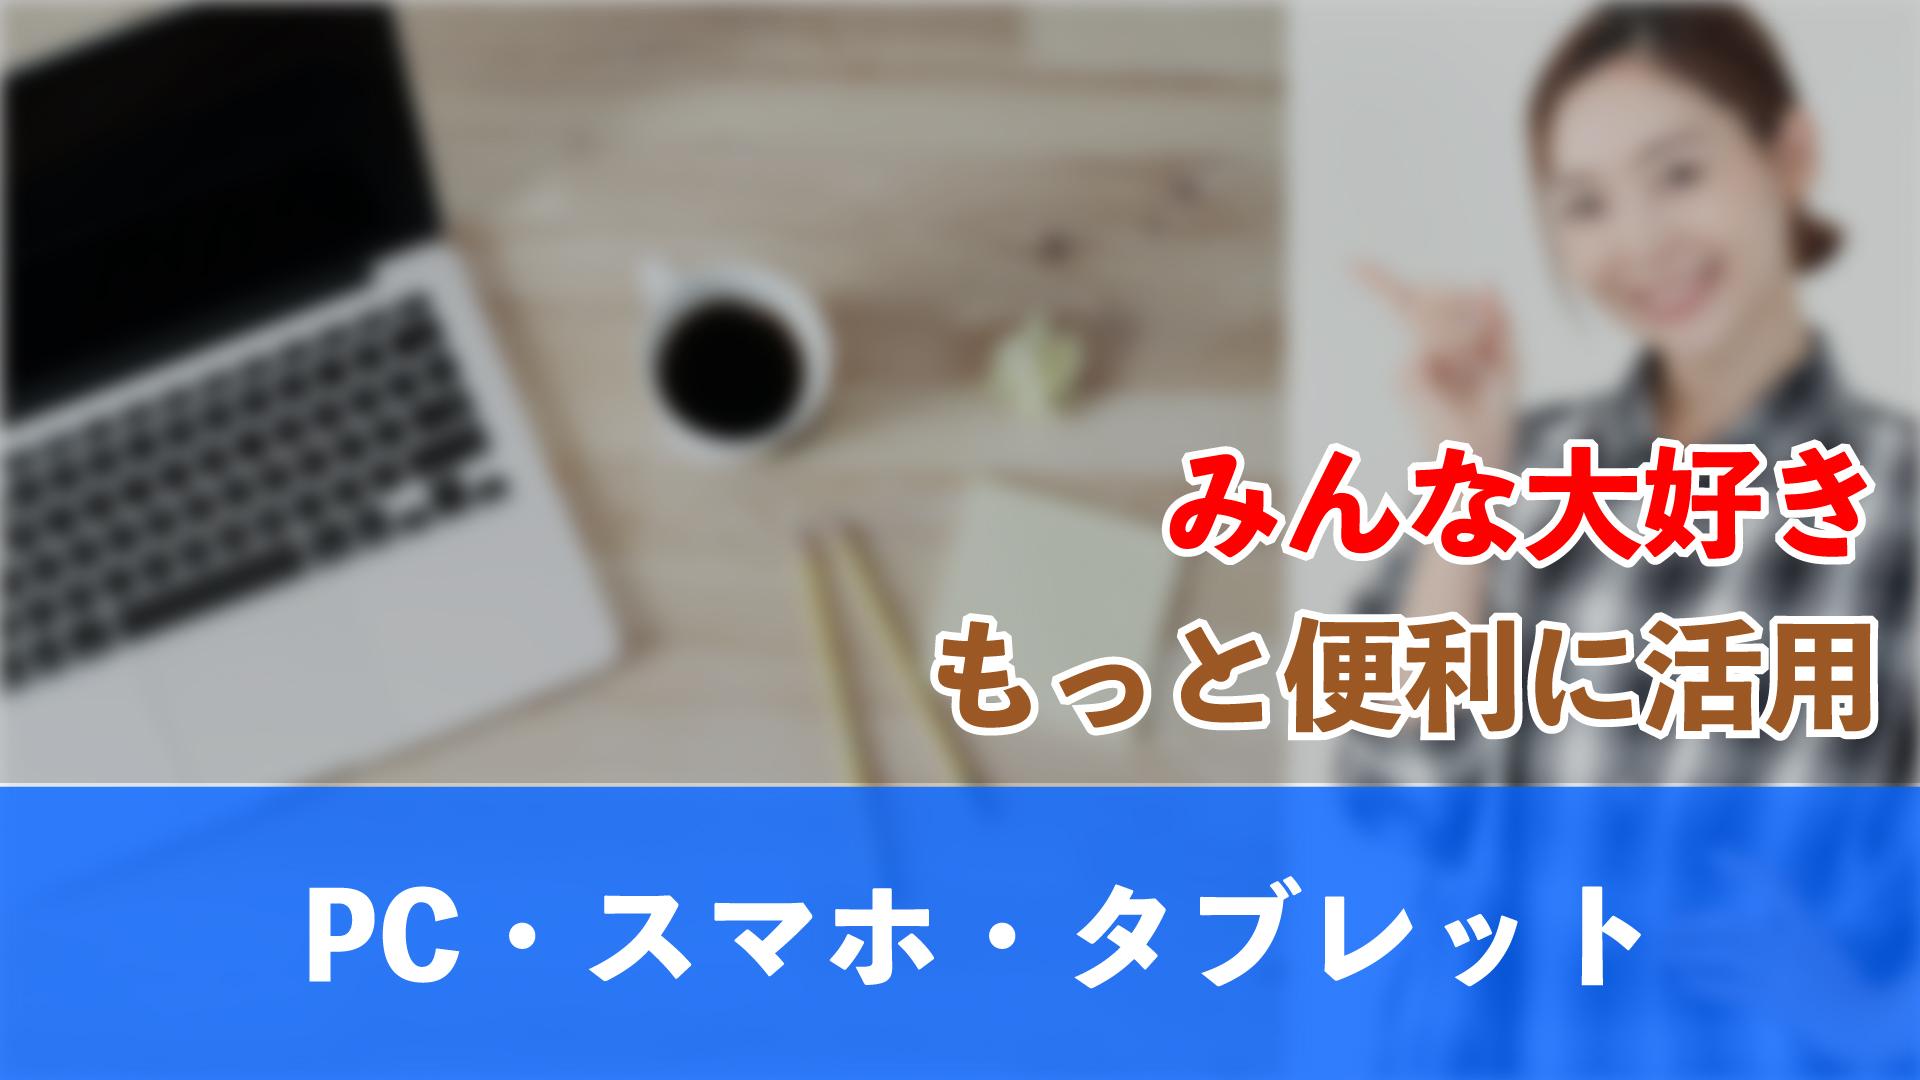 PC・スマホ・タブレット